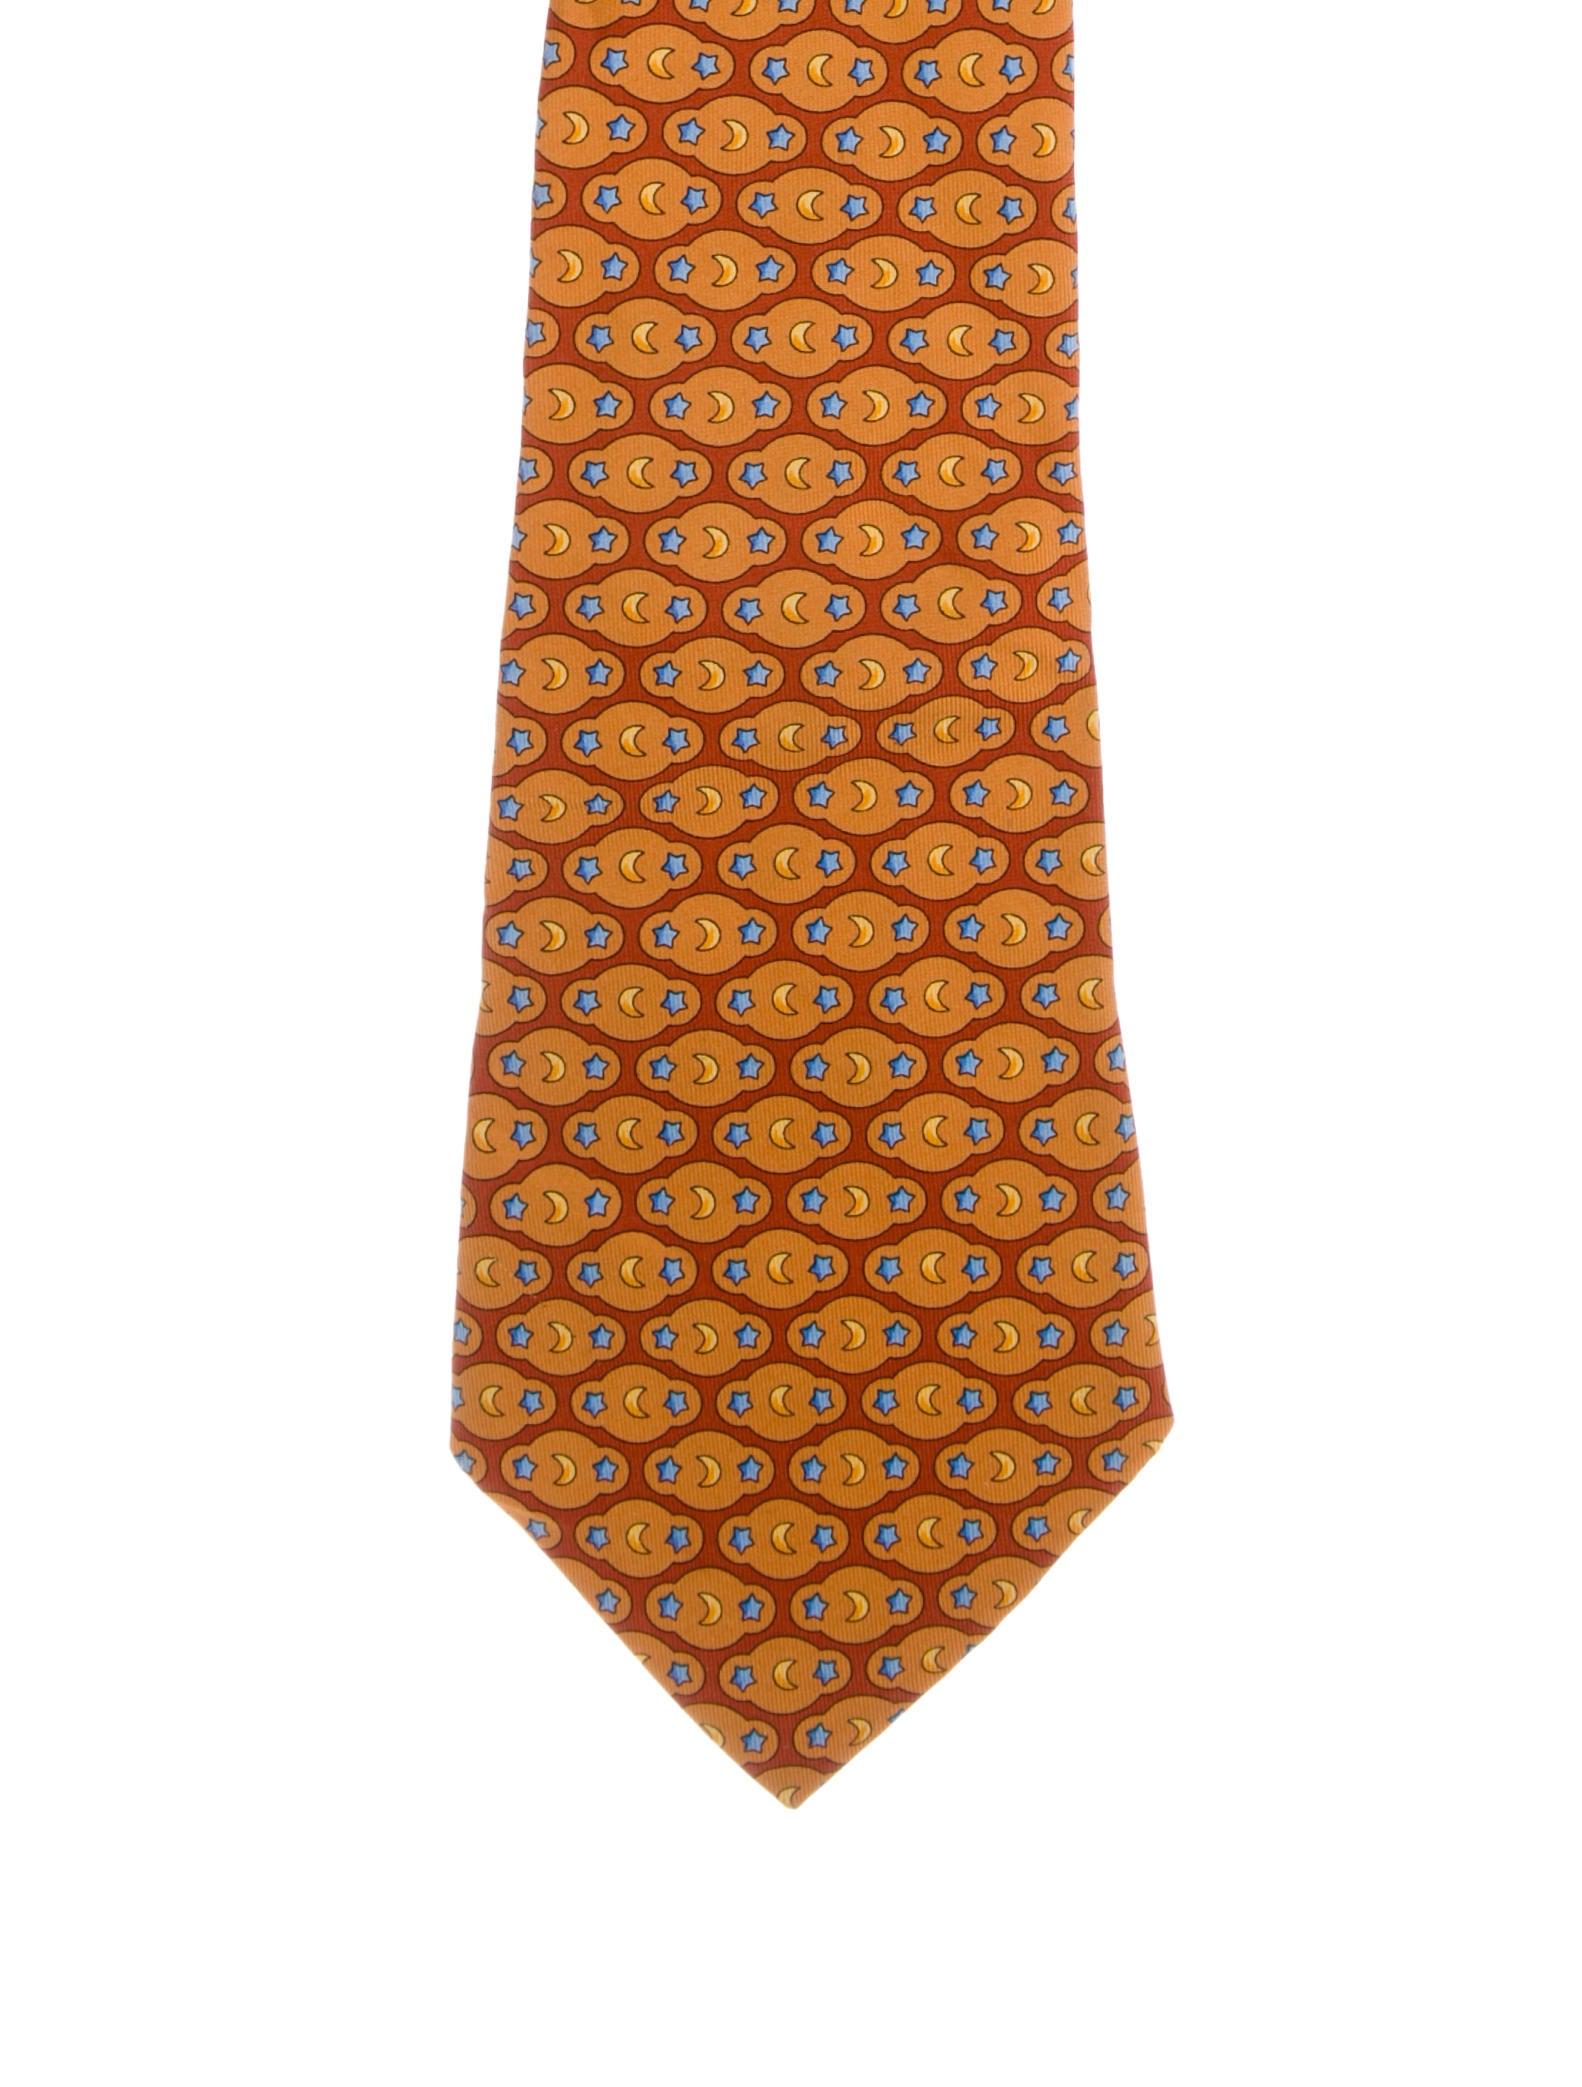 0595ad7fa18b Salvatore Ferragamo Star & Moon Print SIlk Tie - Suiting Accessories ...